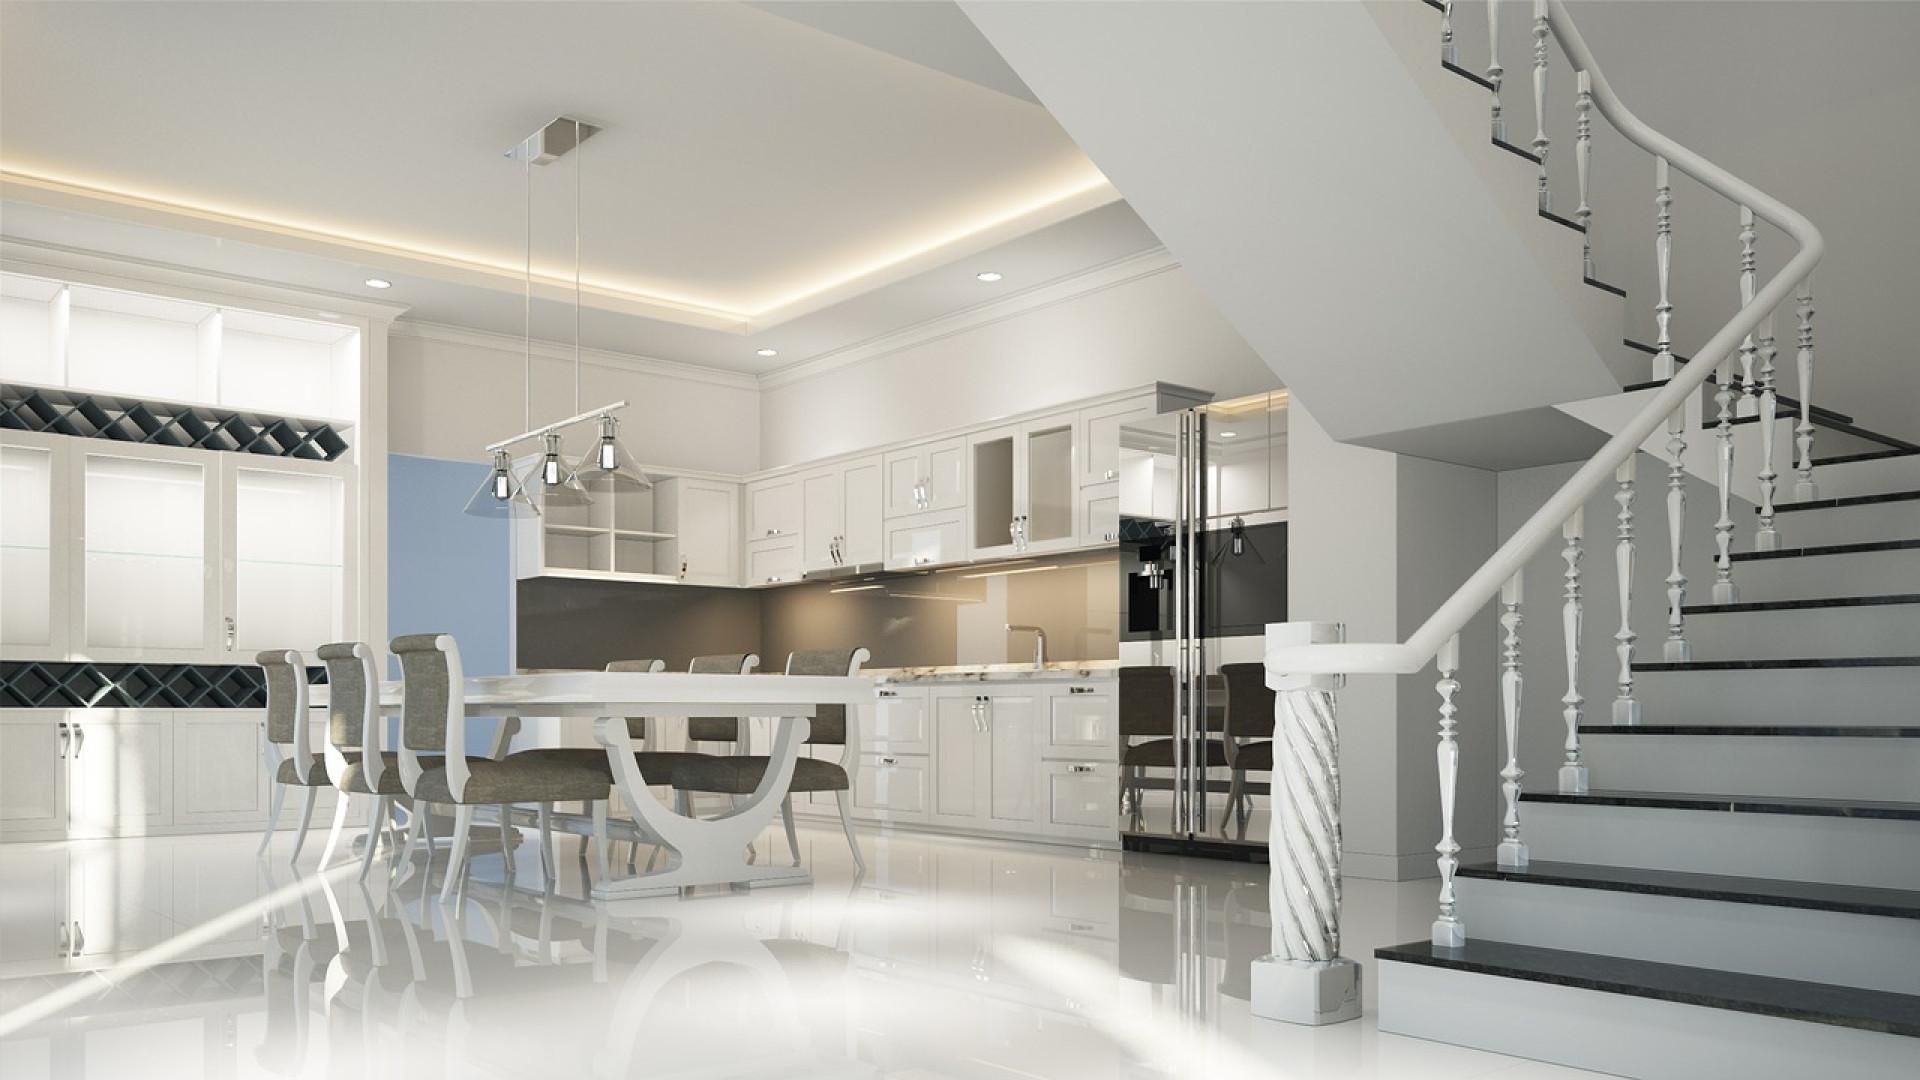 Conseils pour la conception d'une cuisine équipée réussie